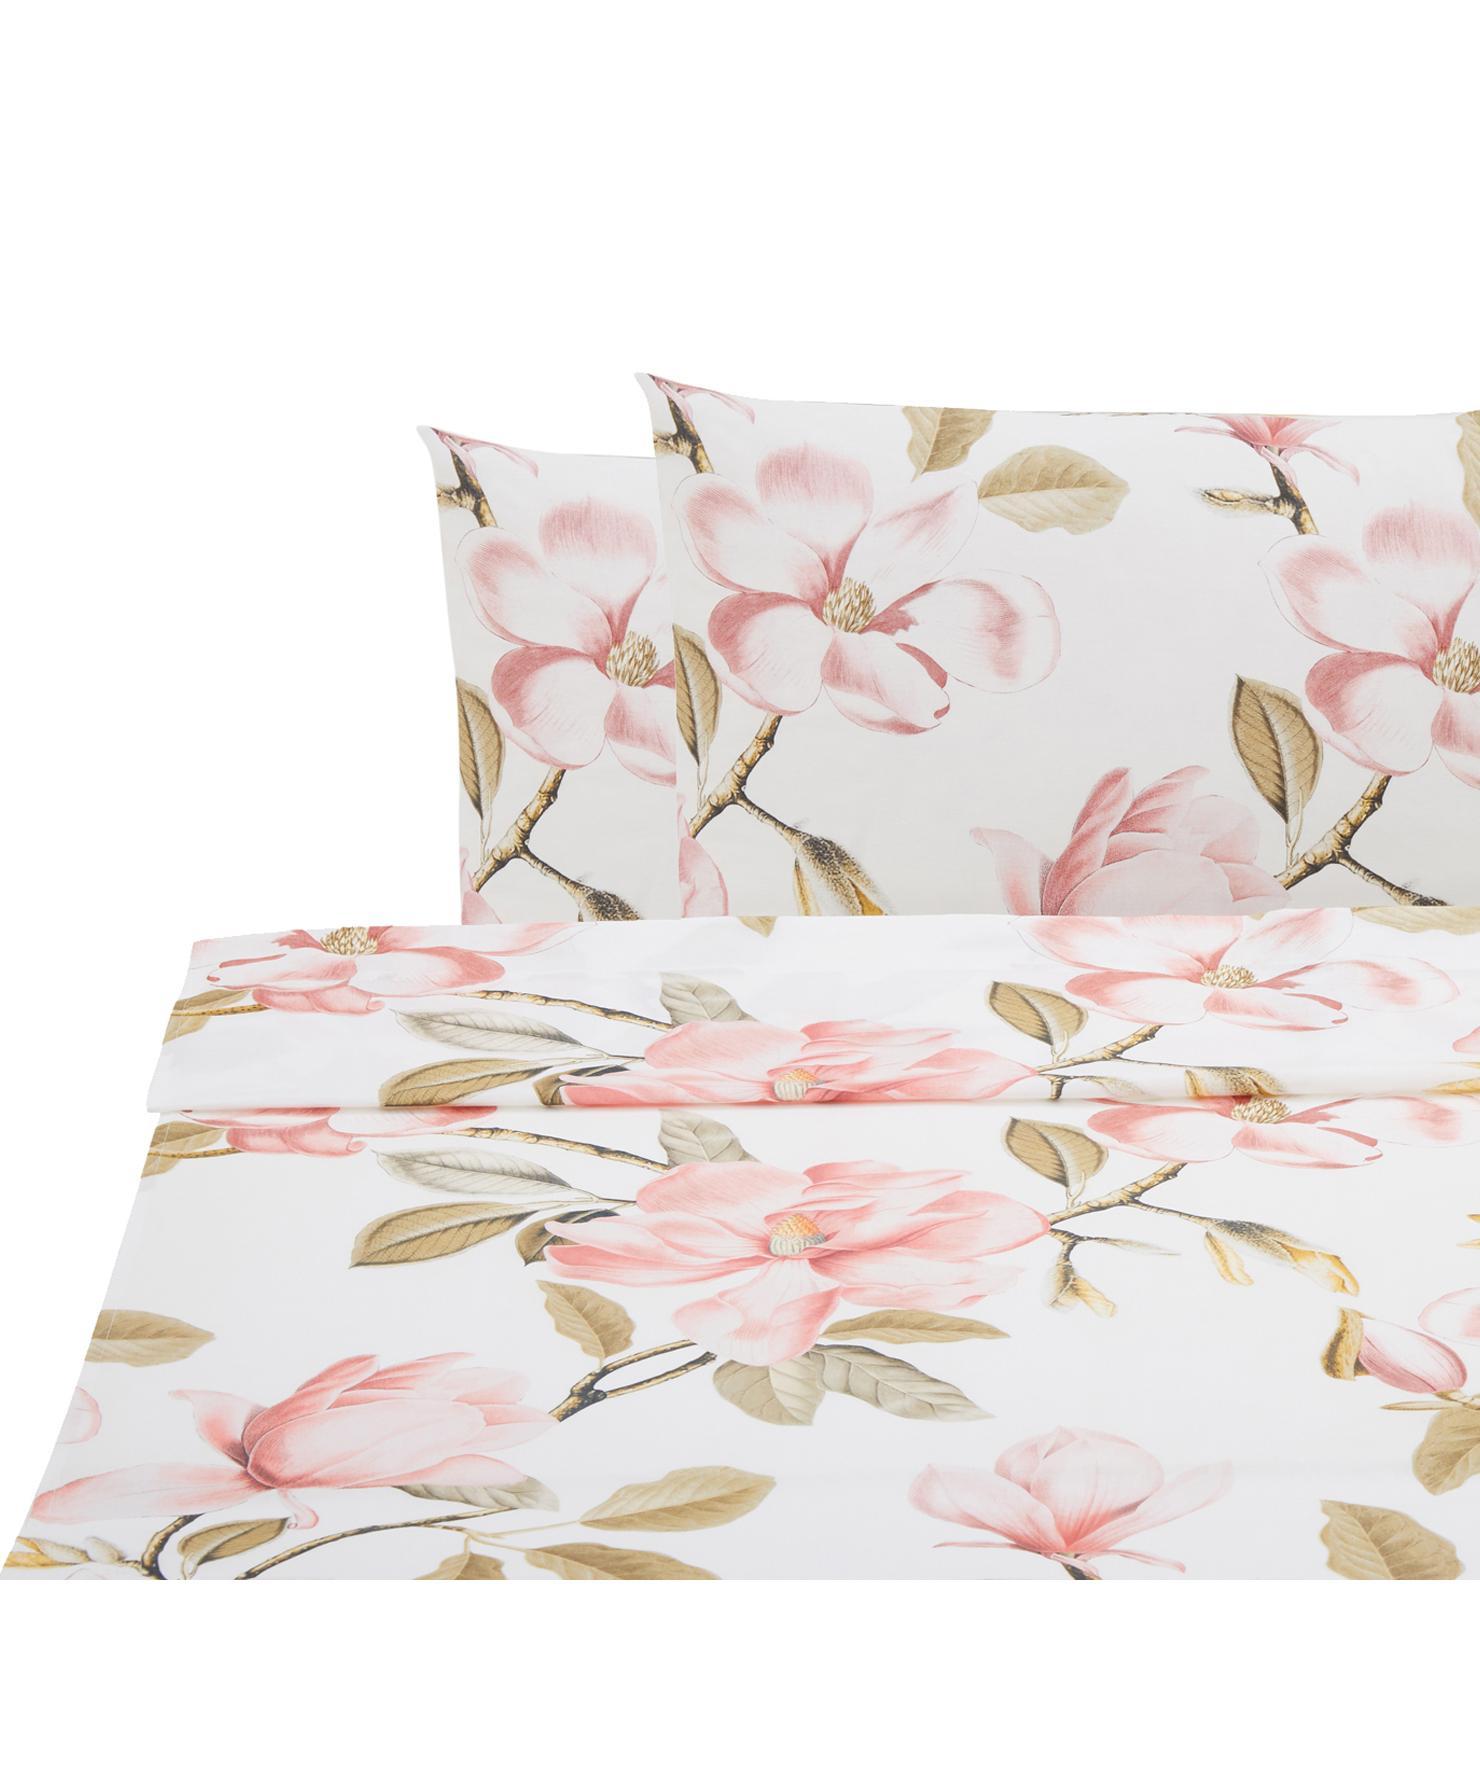 Set lenzuola in cotone ranforce Magnolia  3 pz, Tessuto: Renforcé, Bianco, rosa, verde, 240 x 270 cm